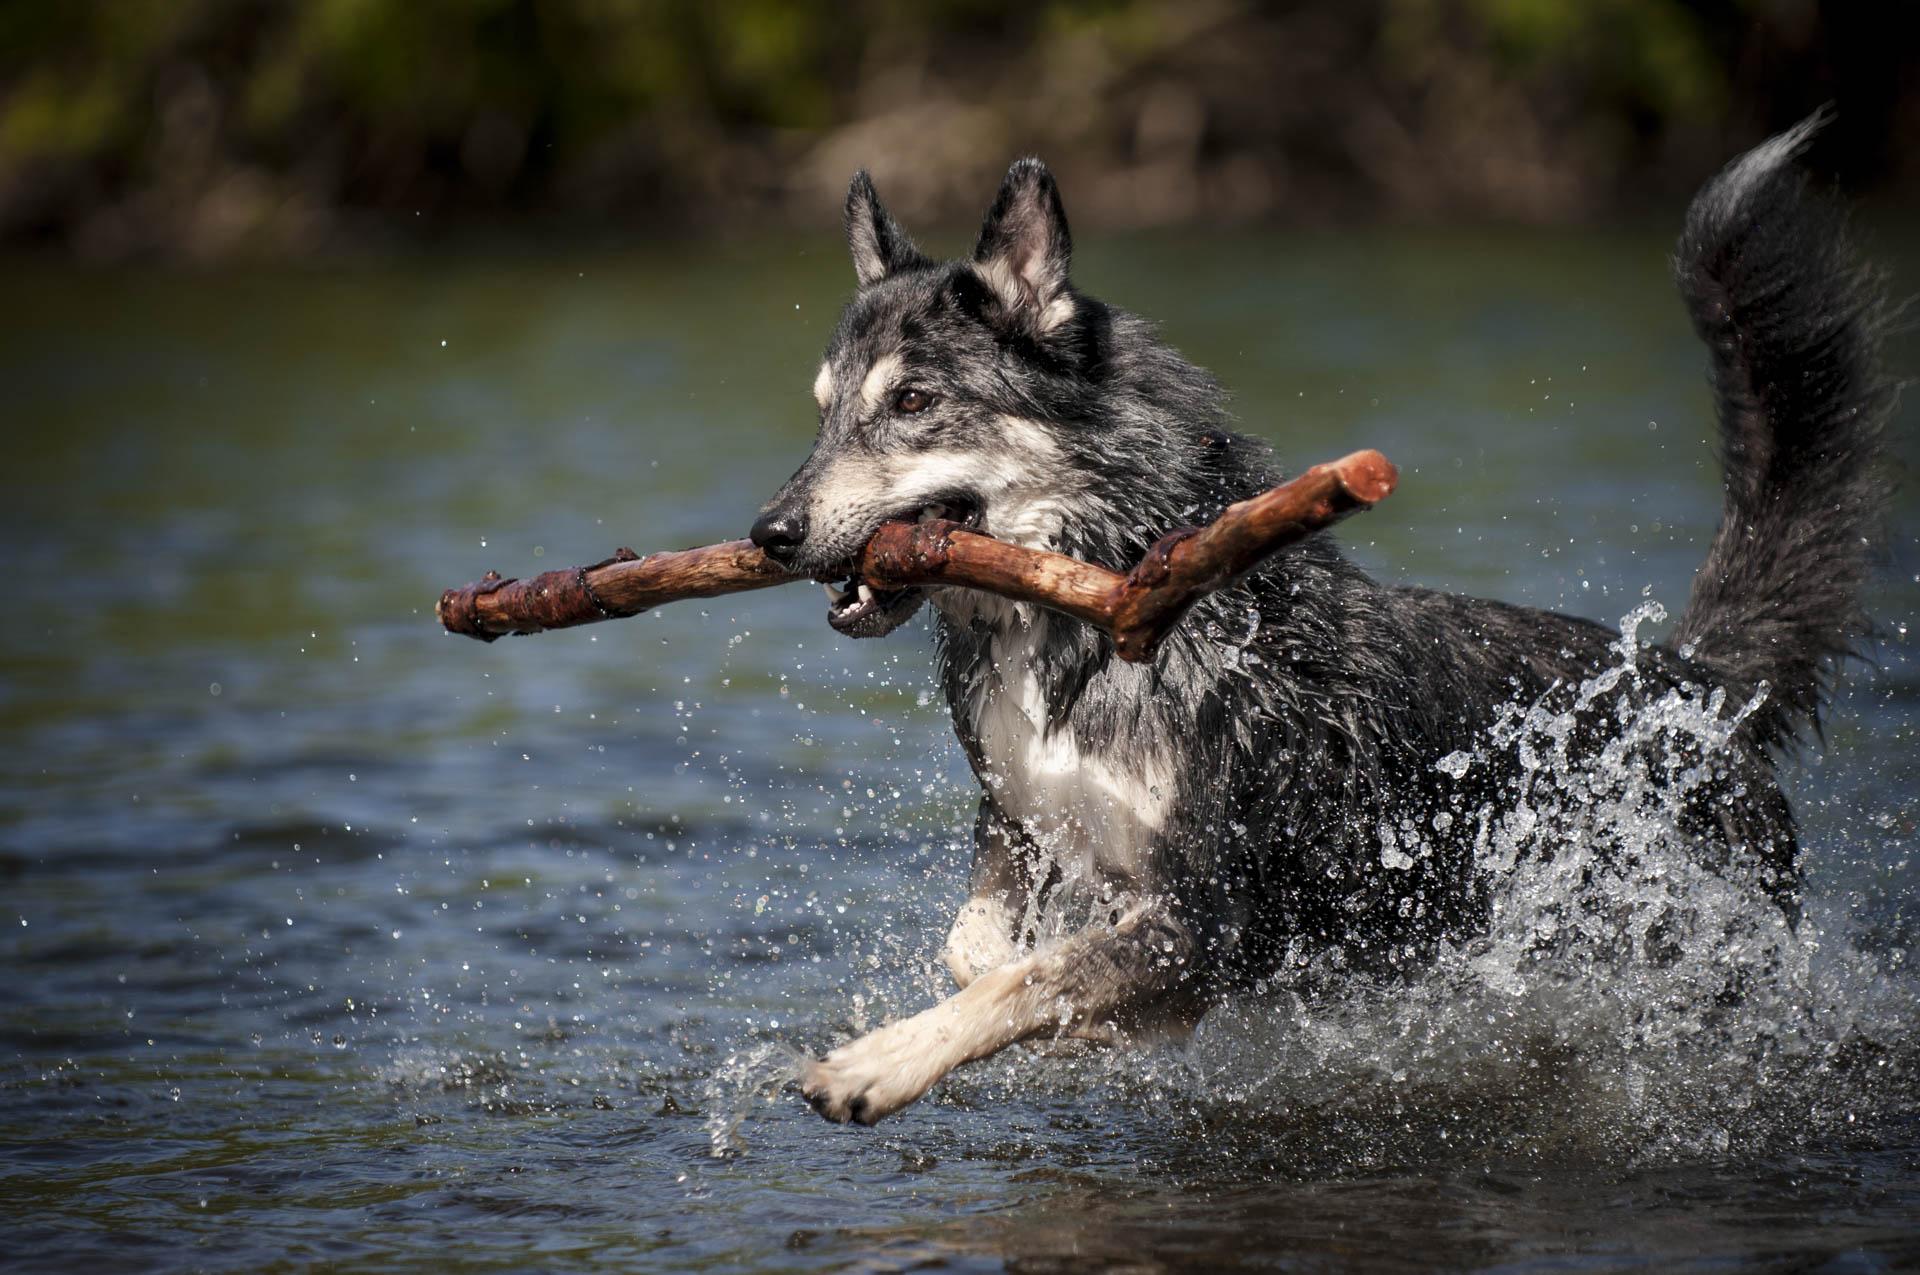 Ein Husky - Mischling läuft durch Wasser und apportiert einen Stock